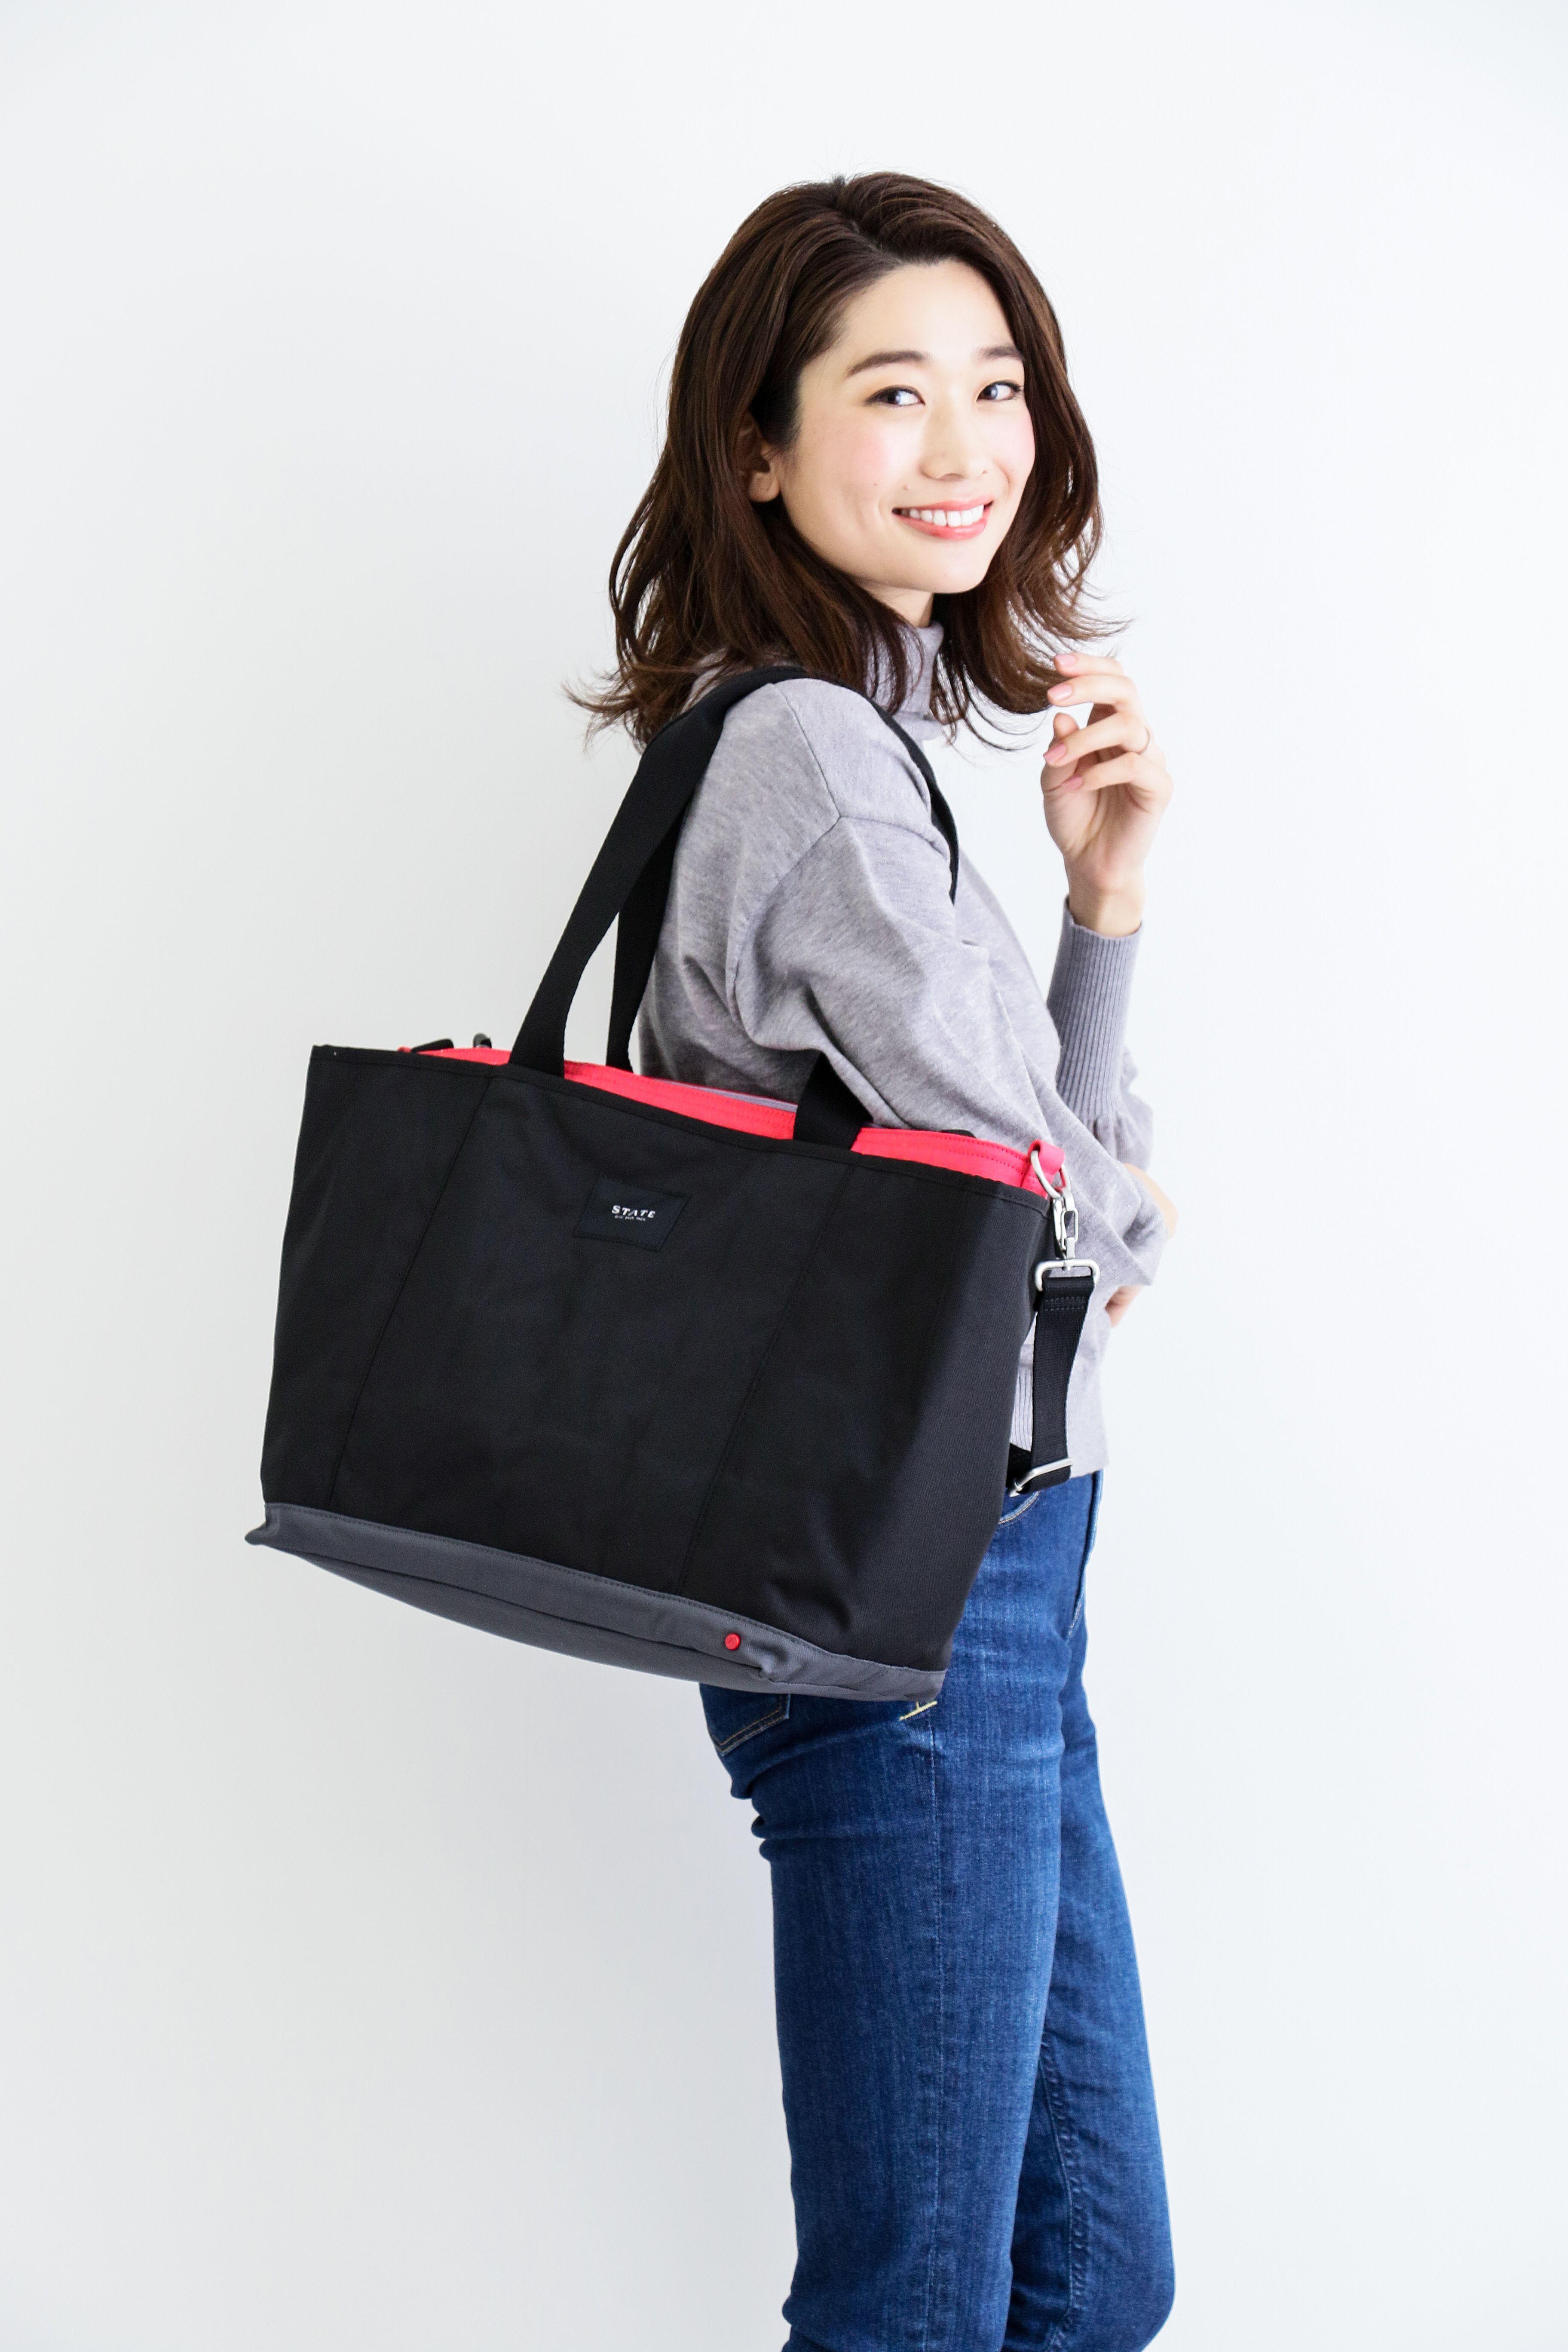 a7fcd7a543c8 シンプルで使いやすいマザーズバッグが人気です!/ 【ITEM PICK UP ...